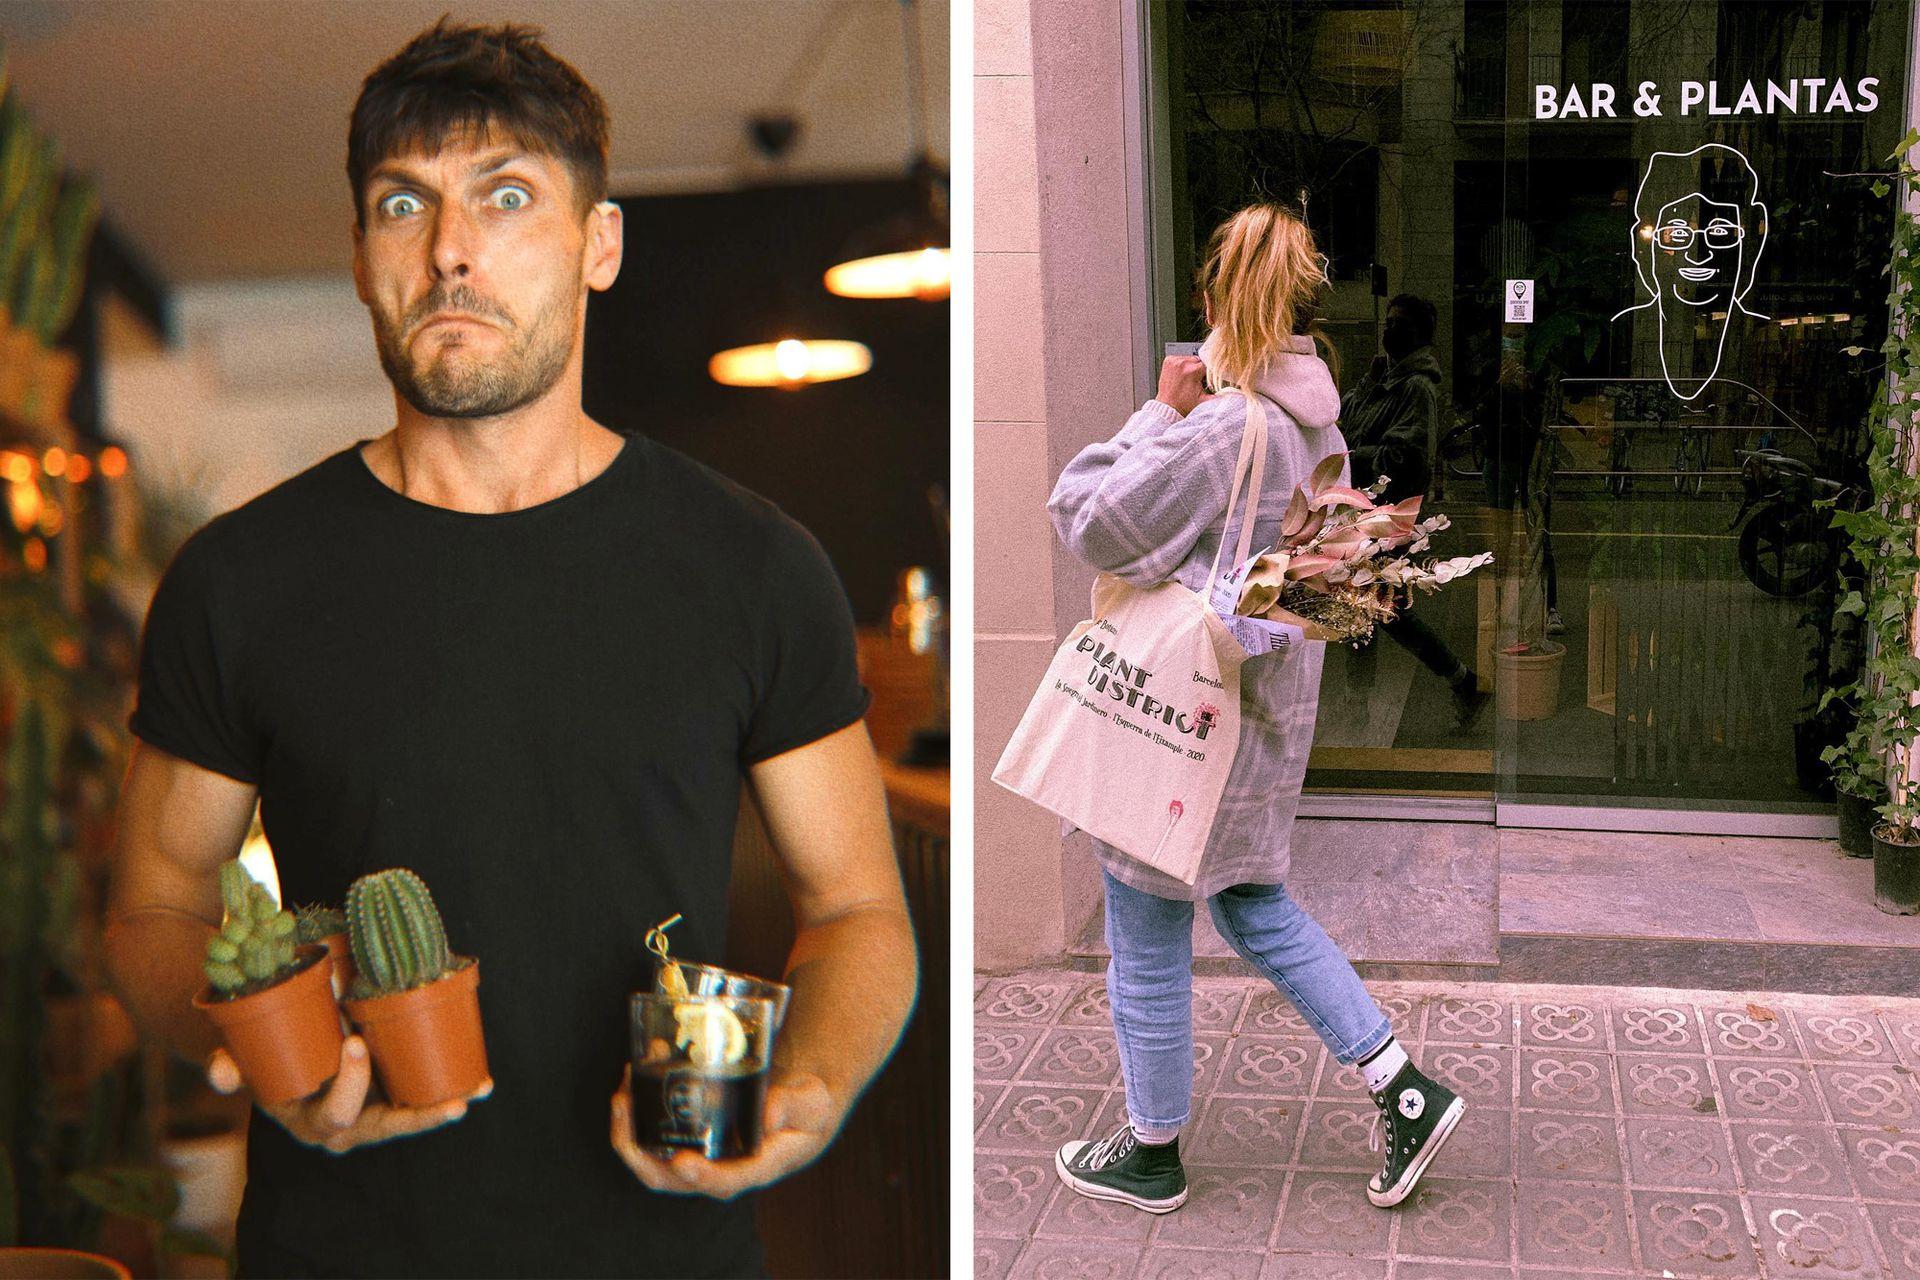 Joaquín y Noel, pasaron de recorrer el mundo a vender plantas y comida.